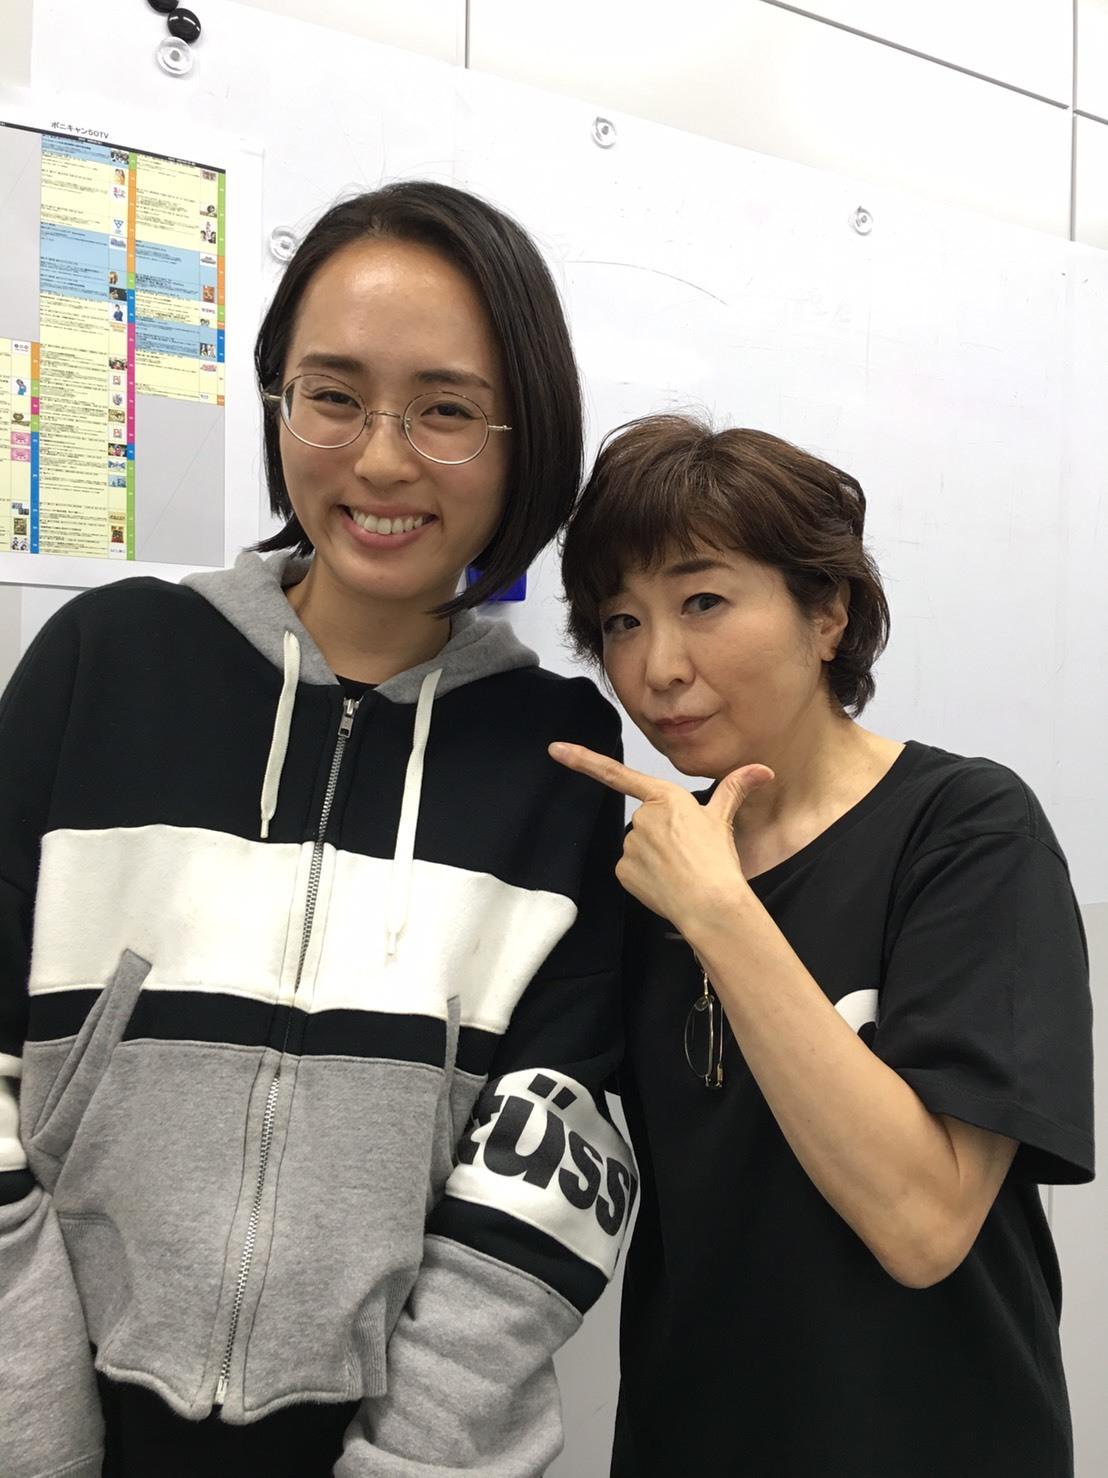 ポニーキャニオン50周年イベント_a0163623_23563962.jpg